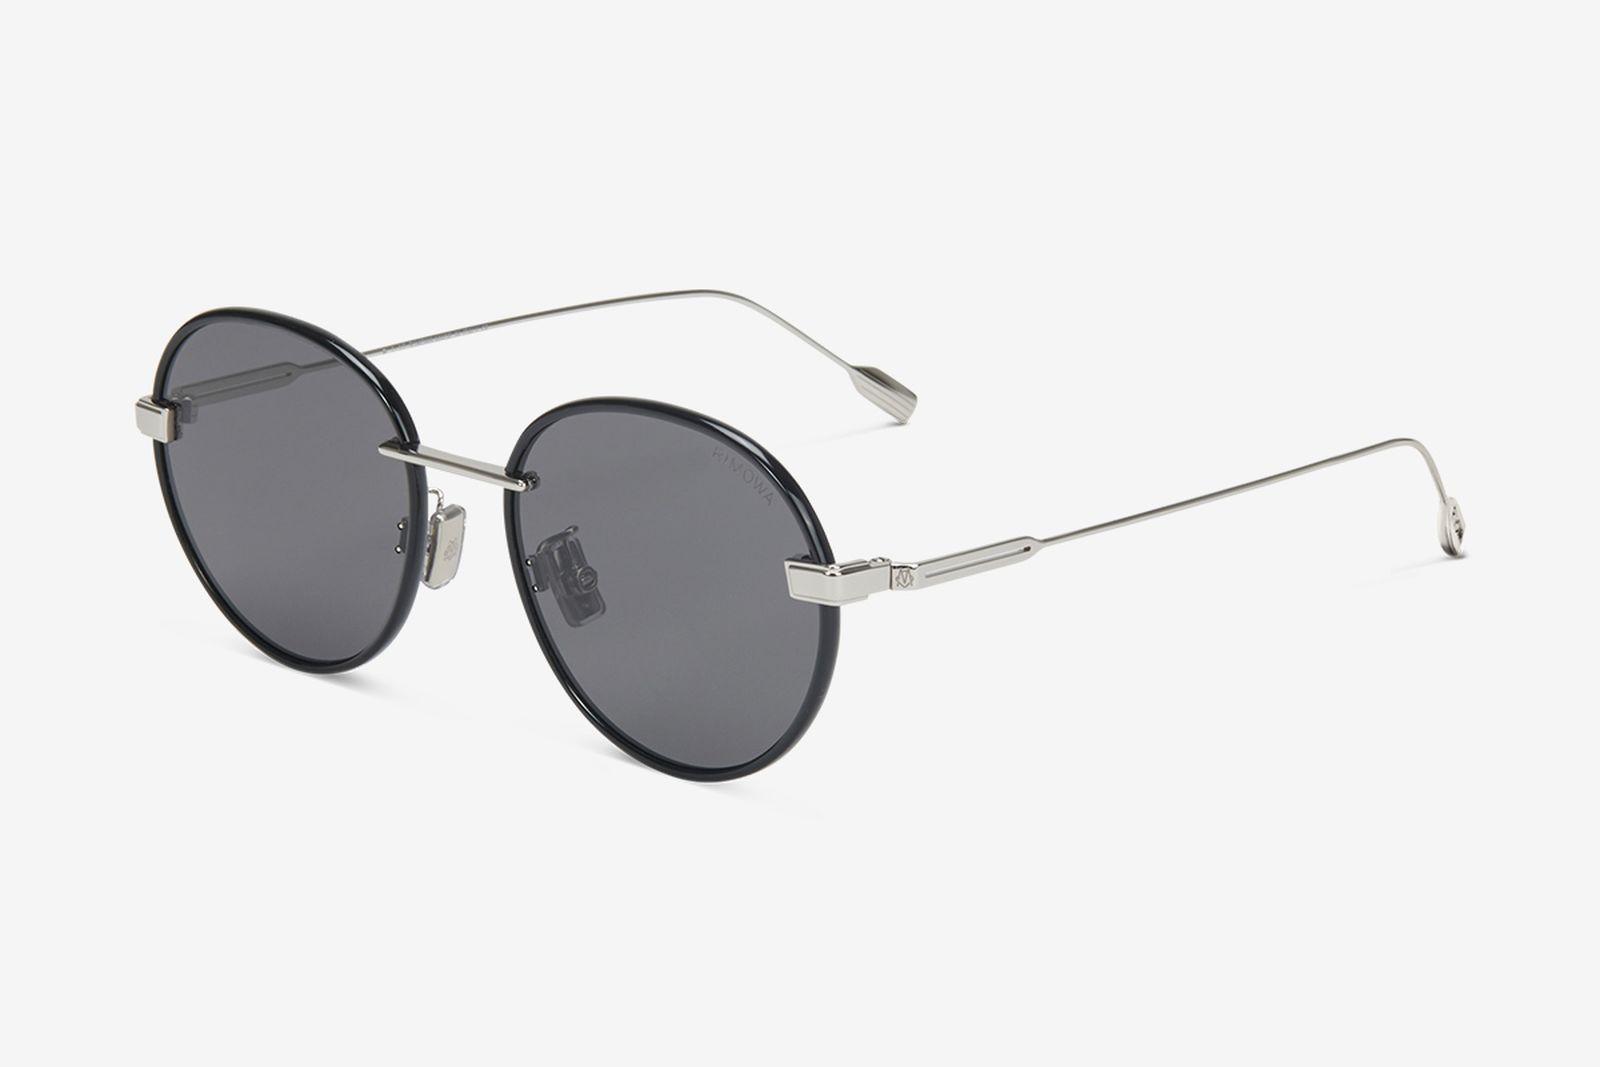 rimowa-eyewear-25